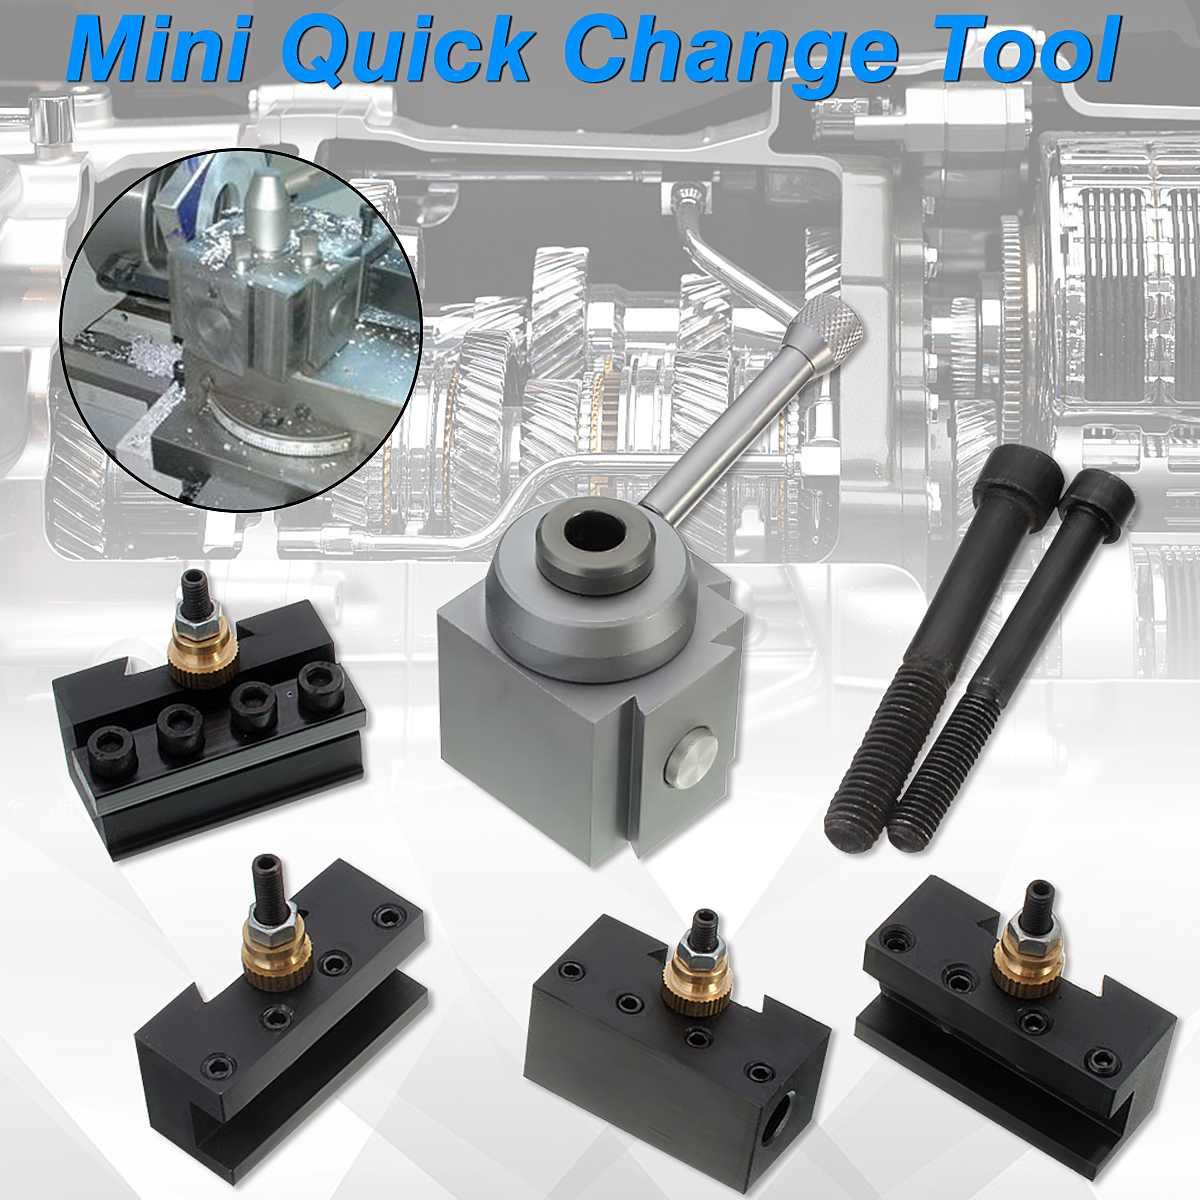 Мини набор для замены инструмента, набор для настольного хобби токарных станков